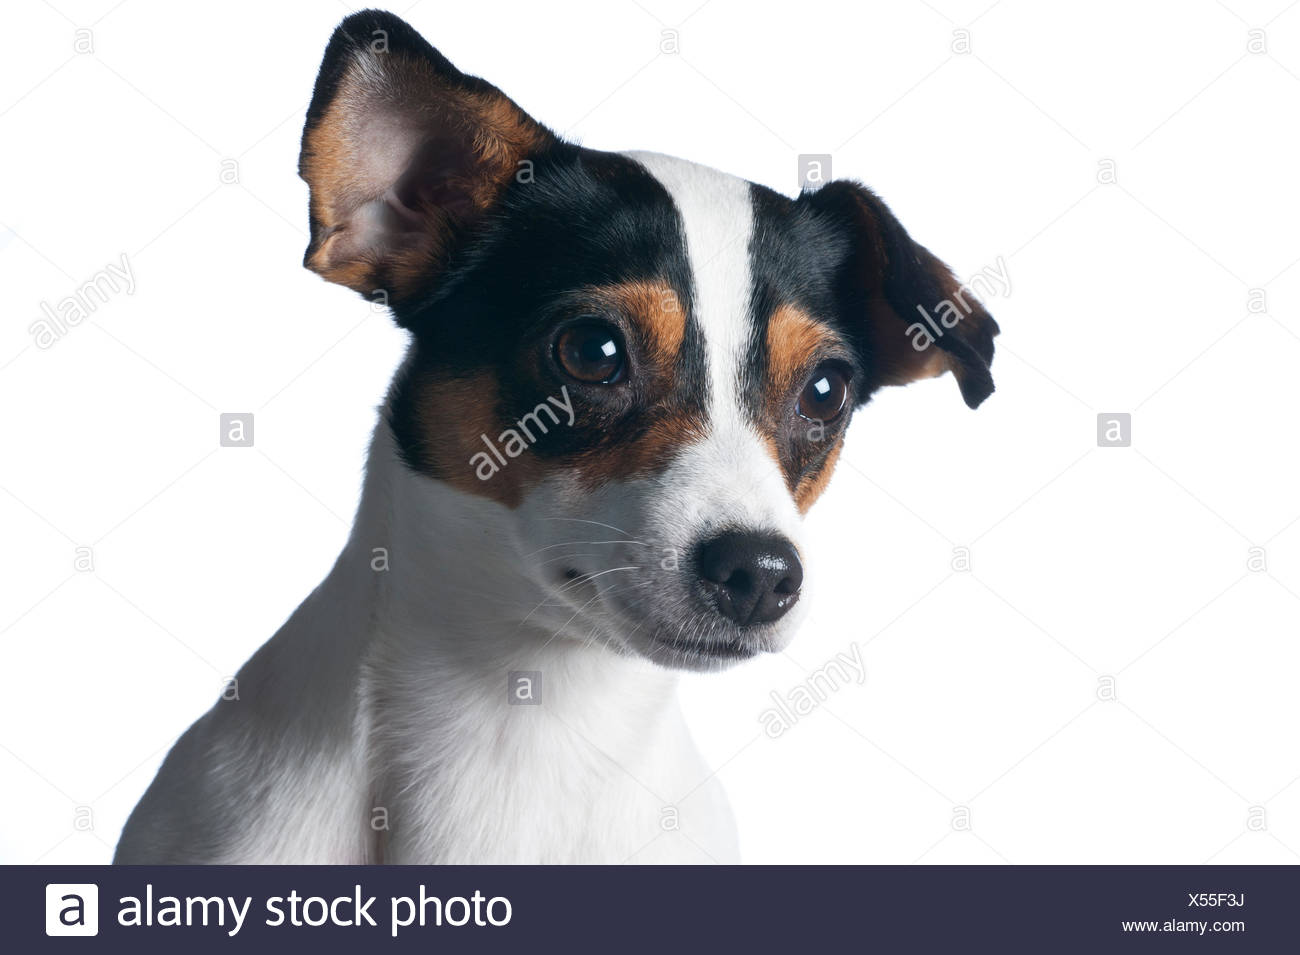 Danish / Swedish farm dog, Finland. - Stock Image